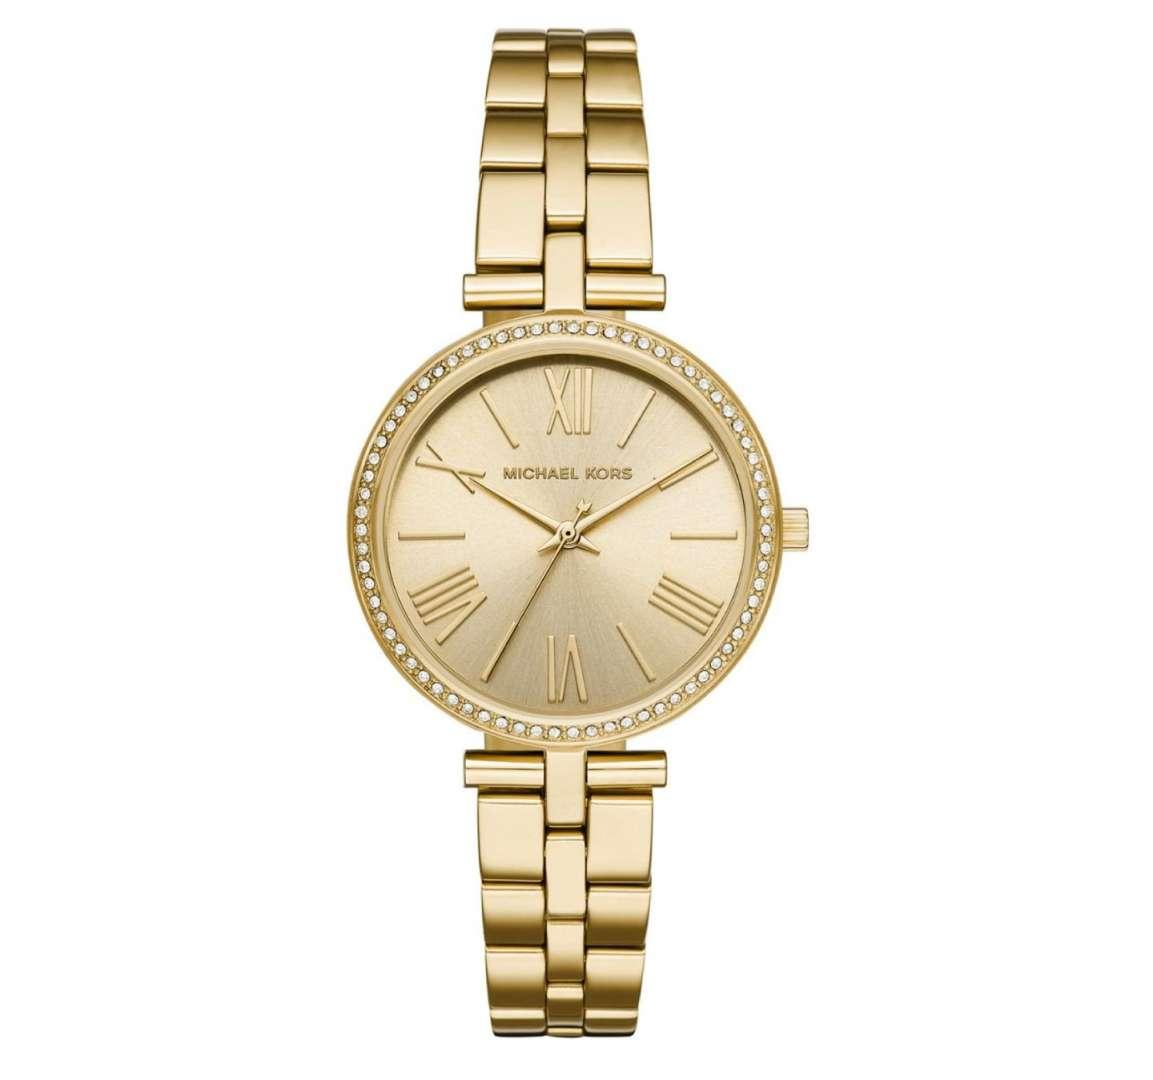 שעון יד אנלוגי לאישה michael kors mk3903 מייקל קורס